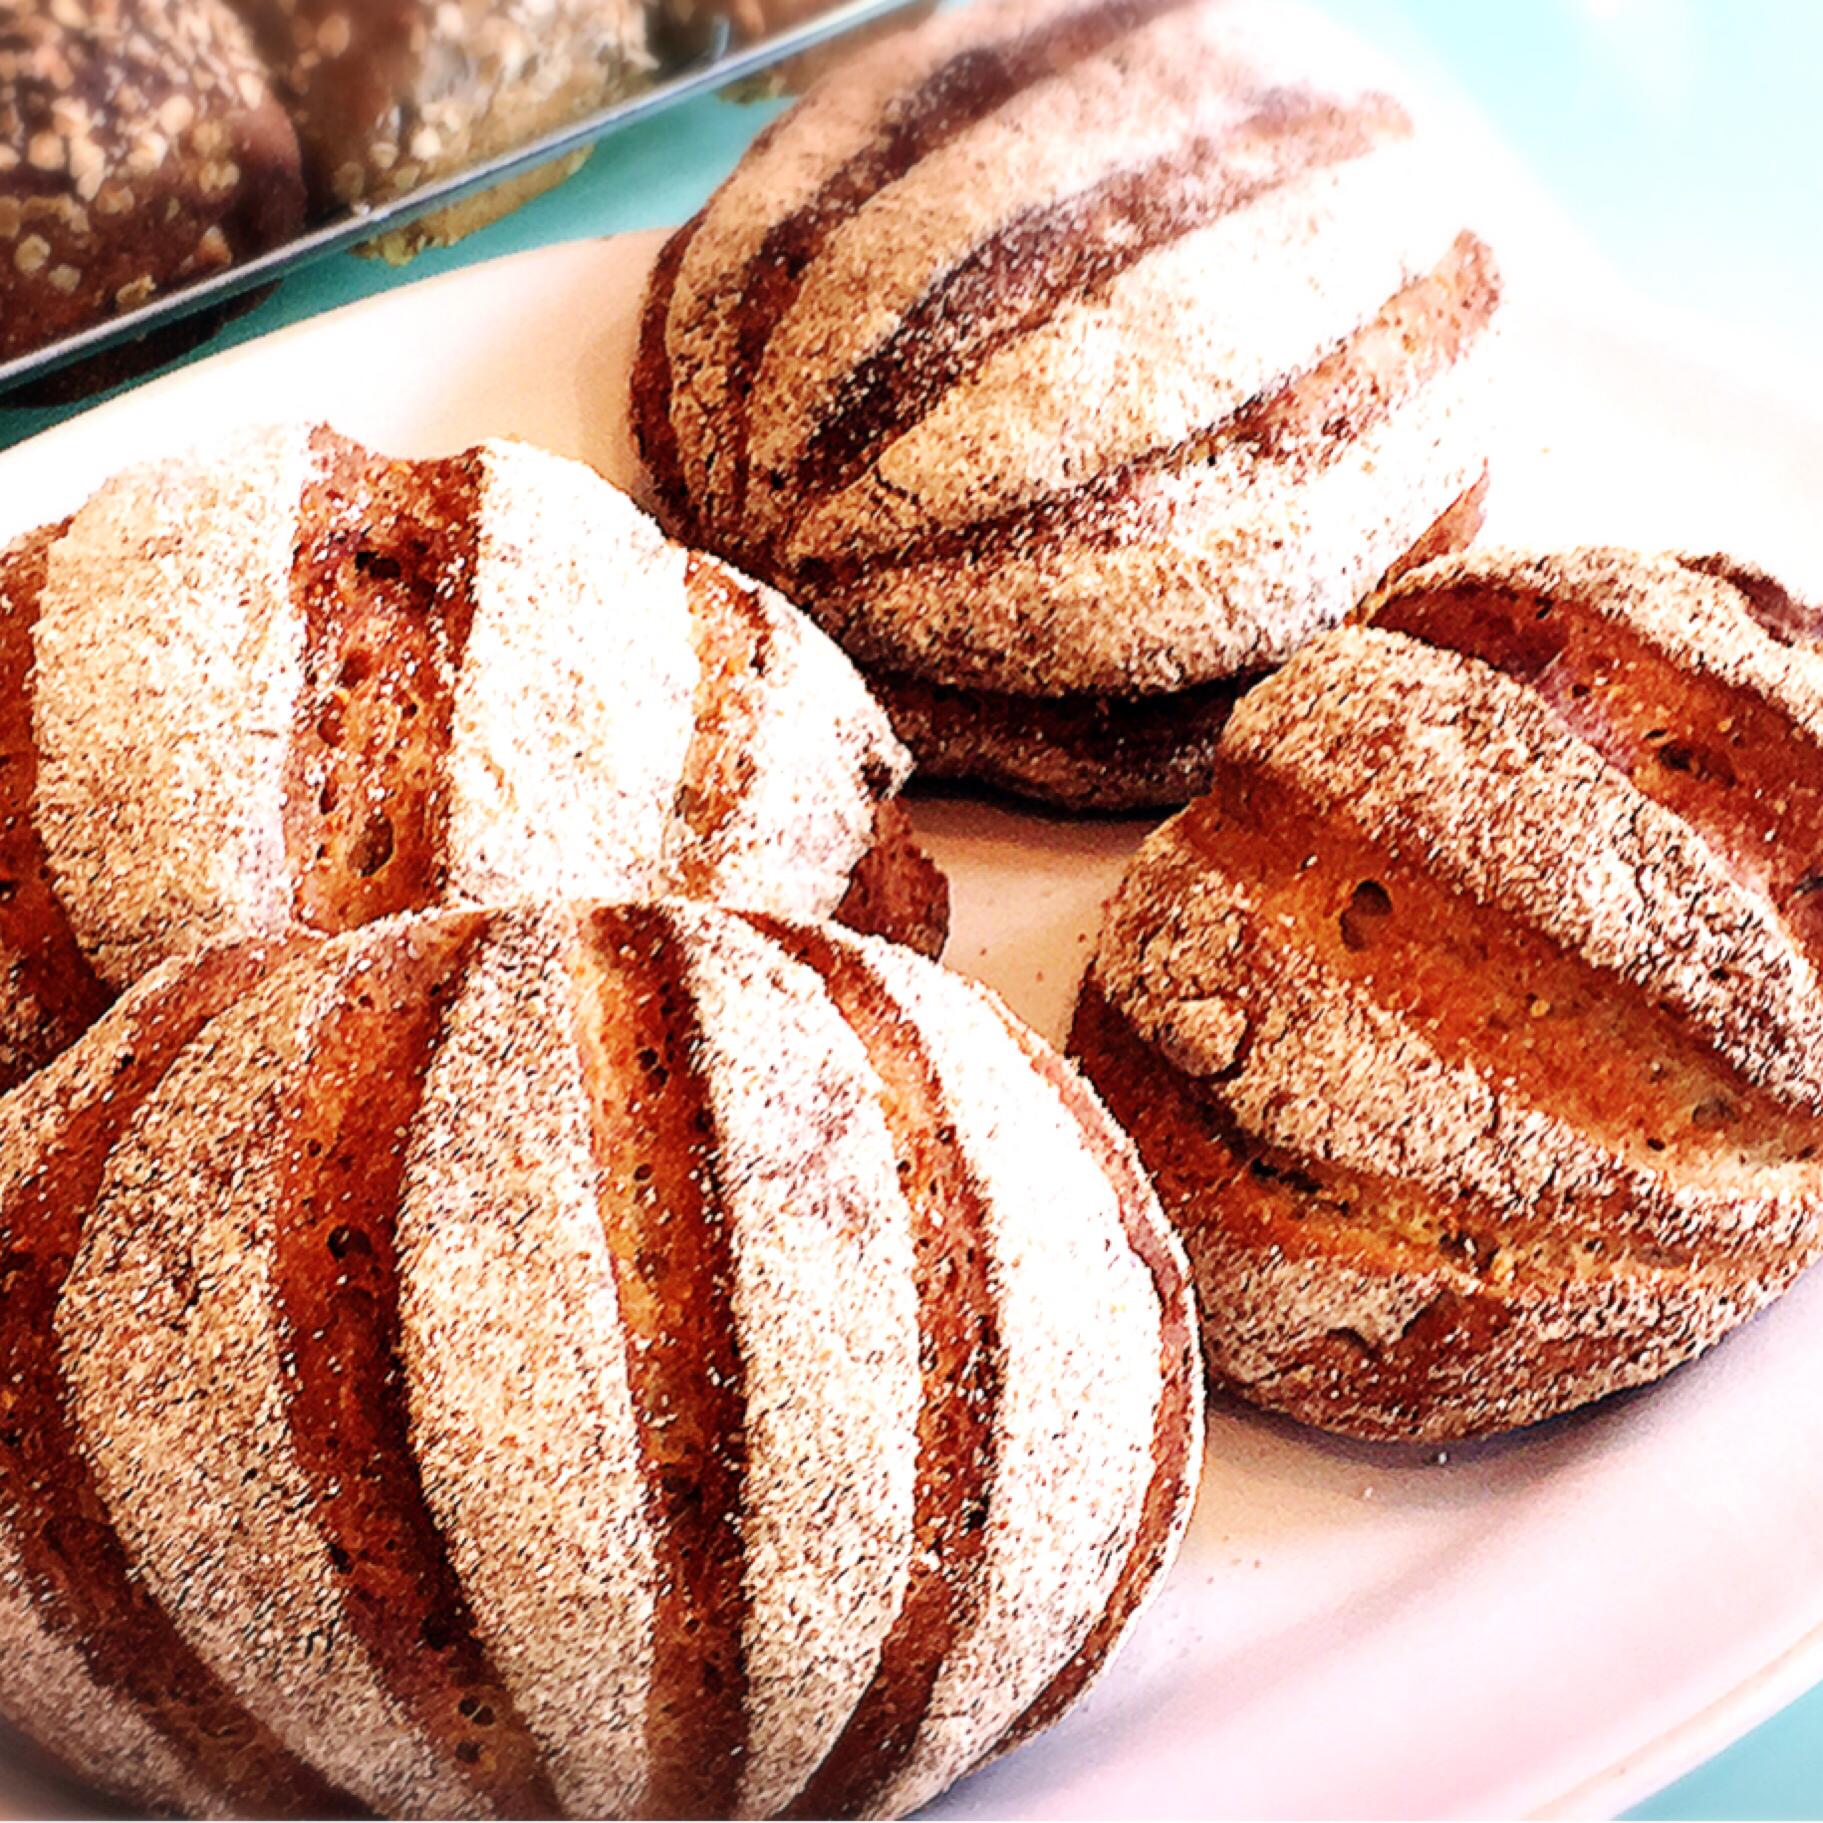 【ワークショップ】 低温熟成発酵で天然酵母パンを作ろう=午後= <東京会場>  ※申し込み期限 8月19日 23:59まで